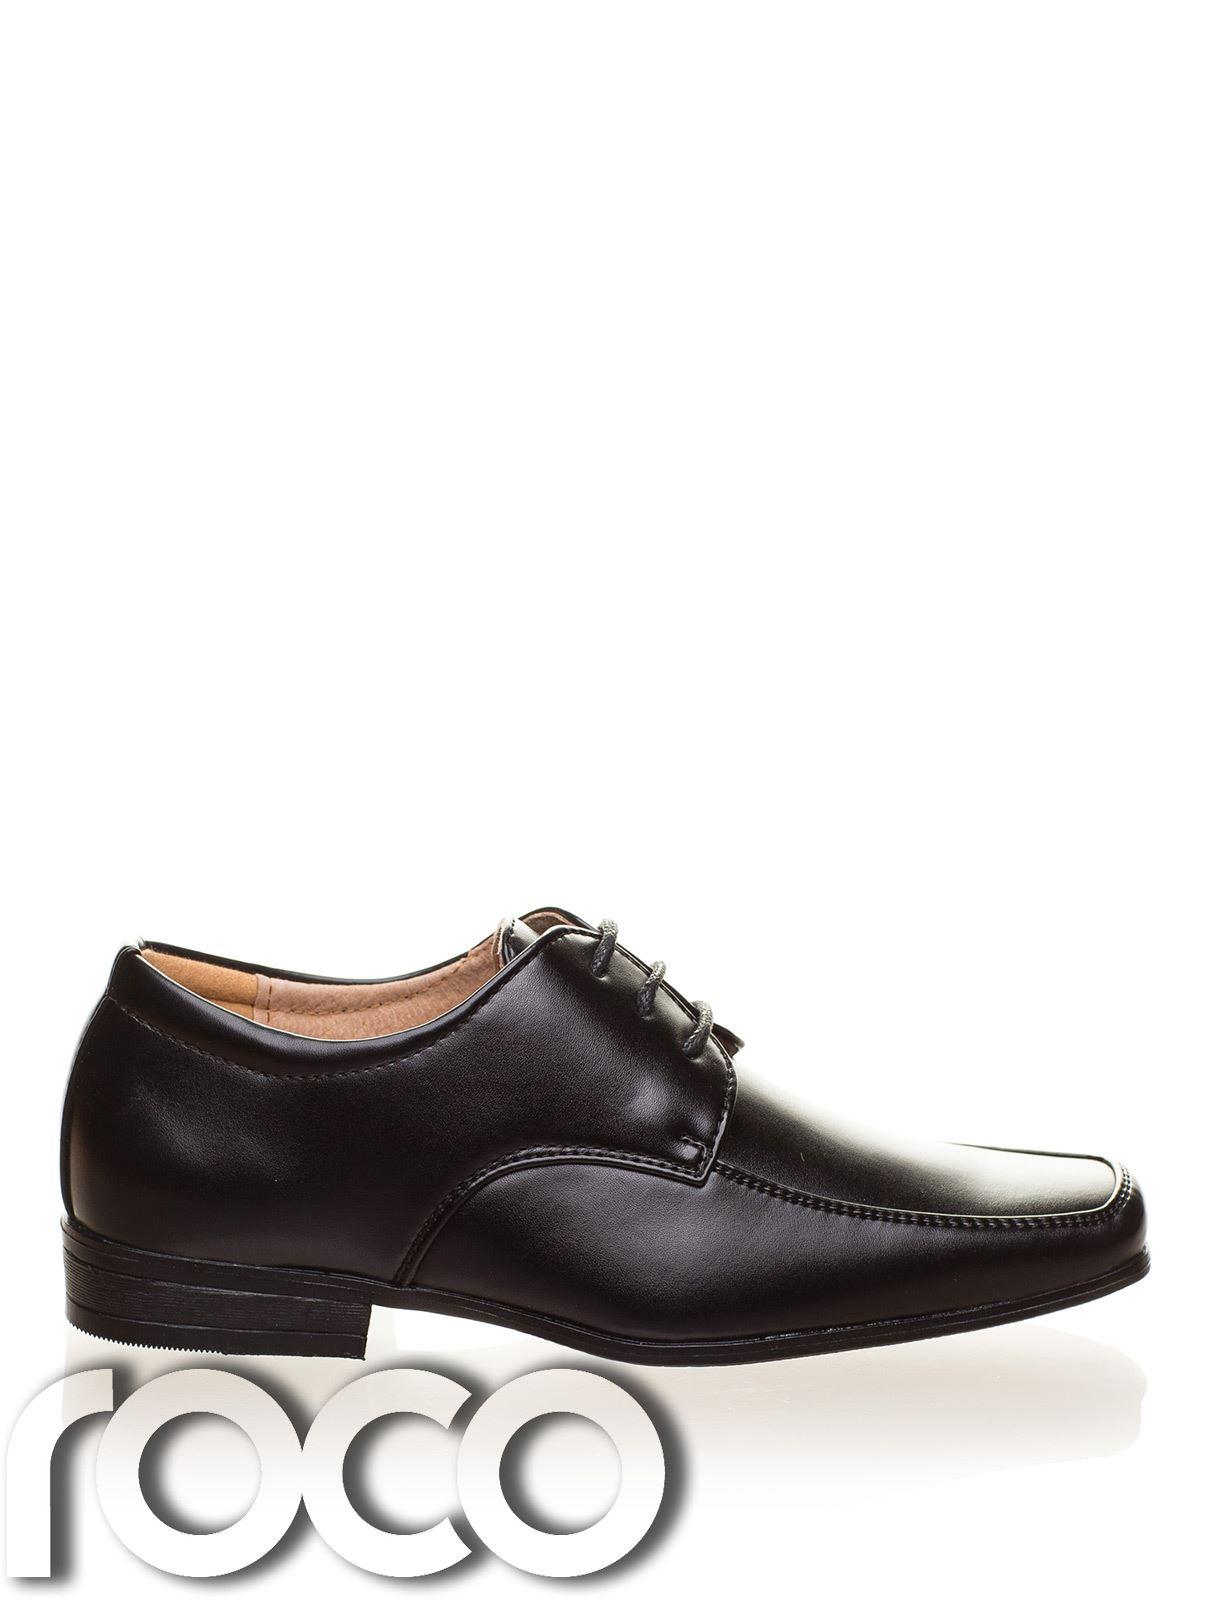 Jungen schwarz Schuhe, brauner Ball Seite förmliche Schuhe